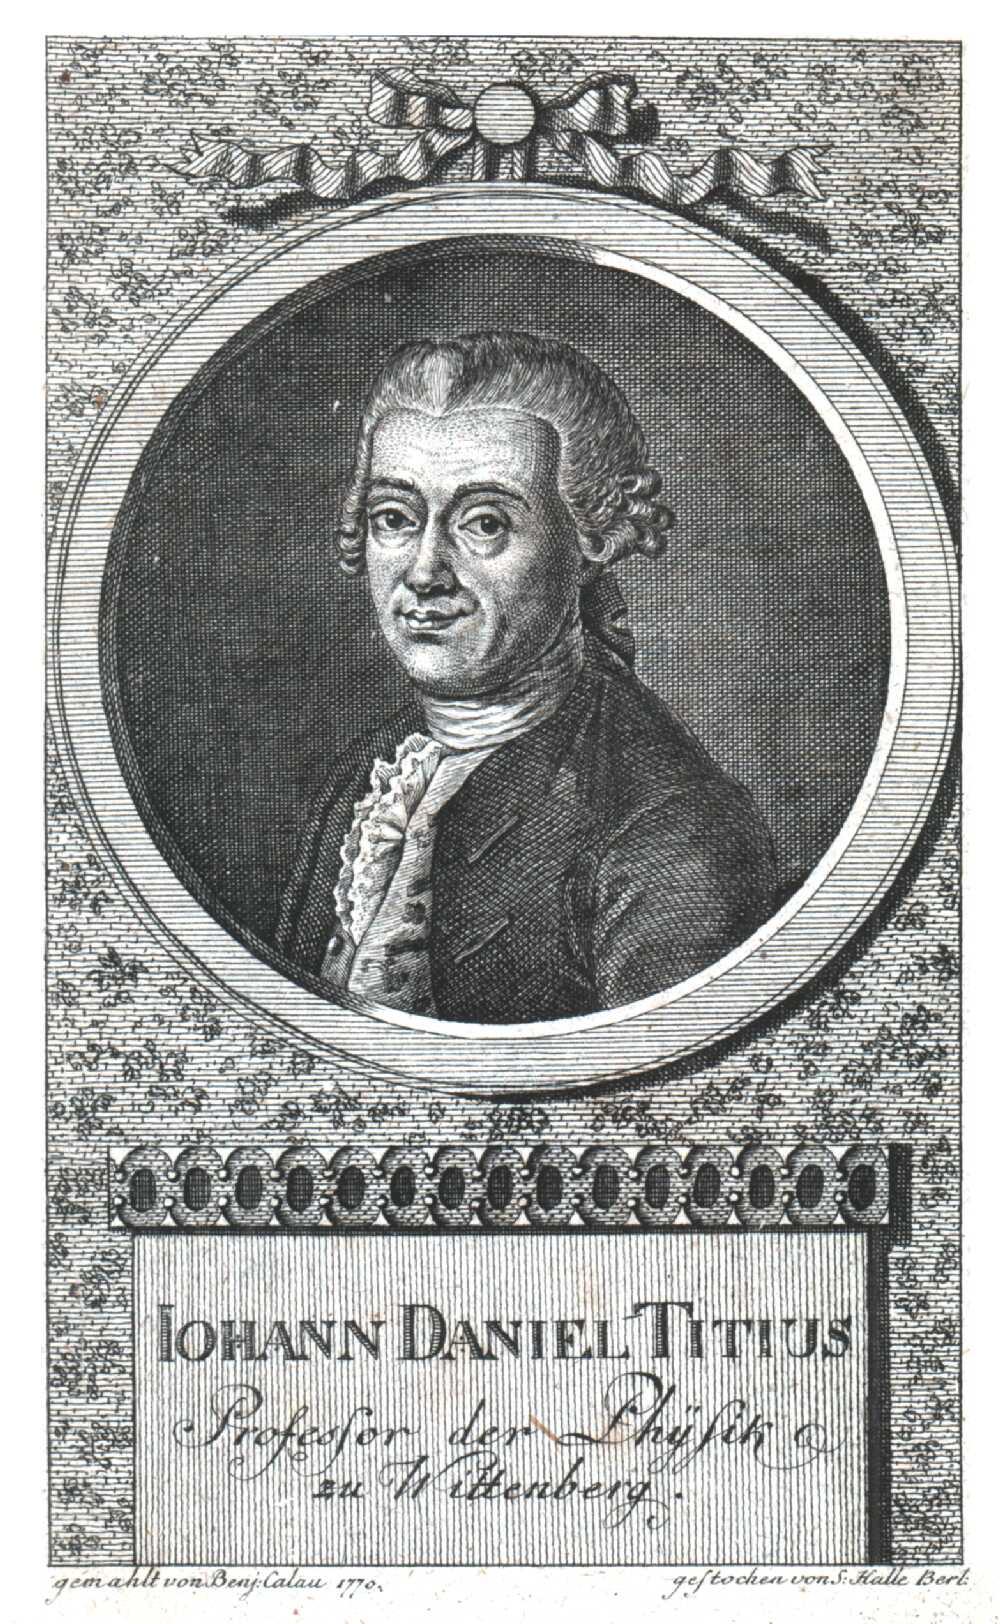 Portrait of Johann Daniel Titius,  Image number:SIL14-T003-02a